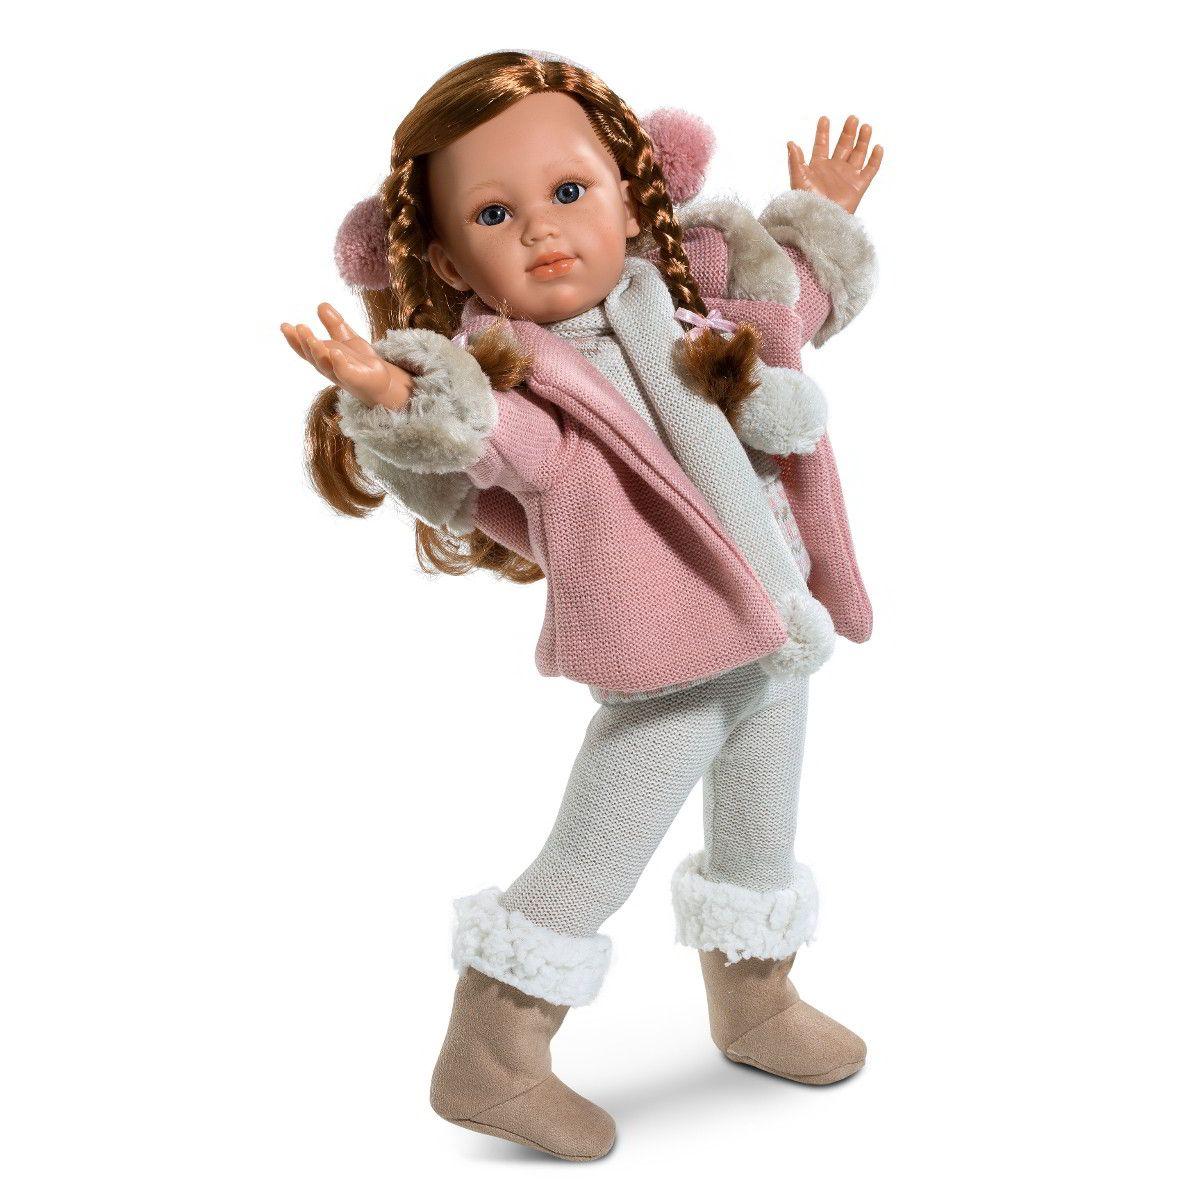 Кукла София, 42 смИспанские куклы Llorens Juan, S.L.<br>Кукла София, 42 см<br>